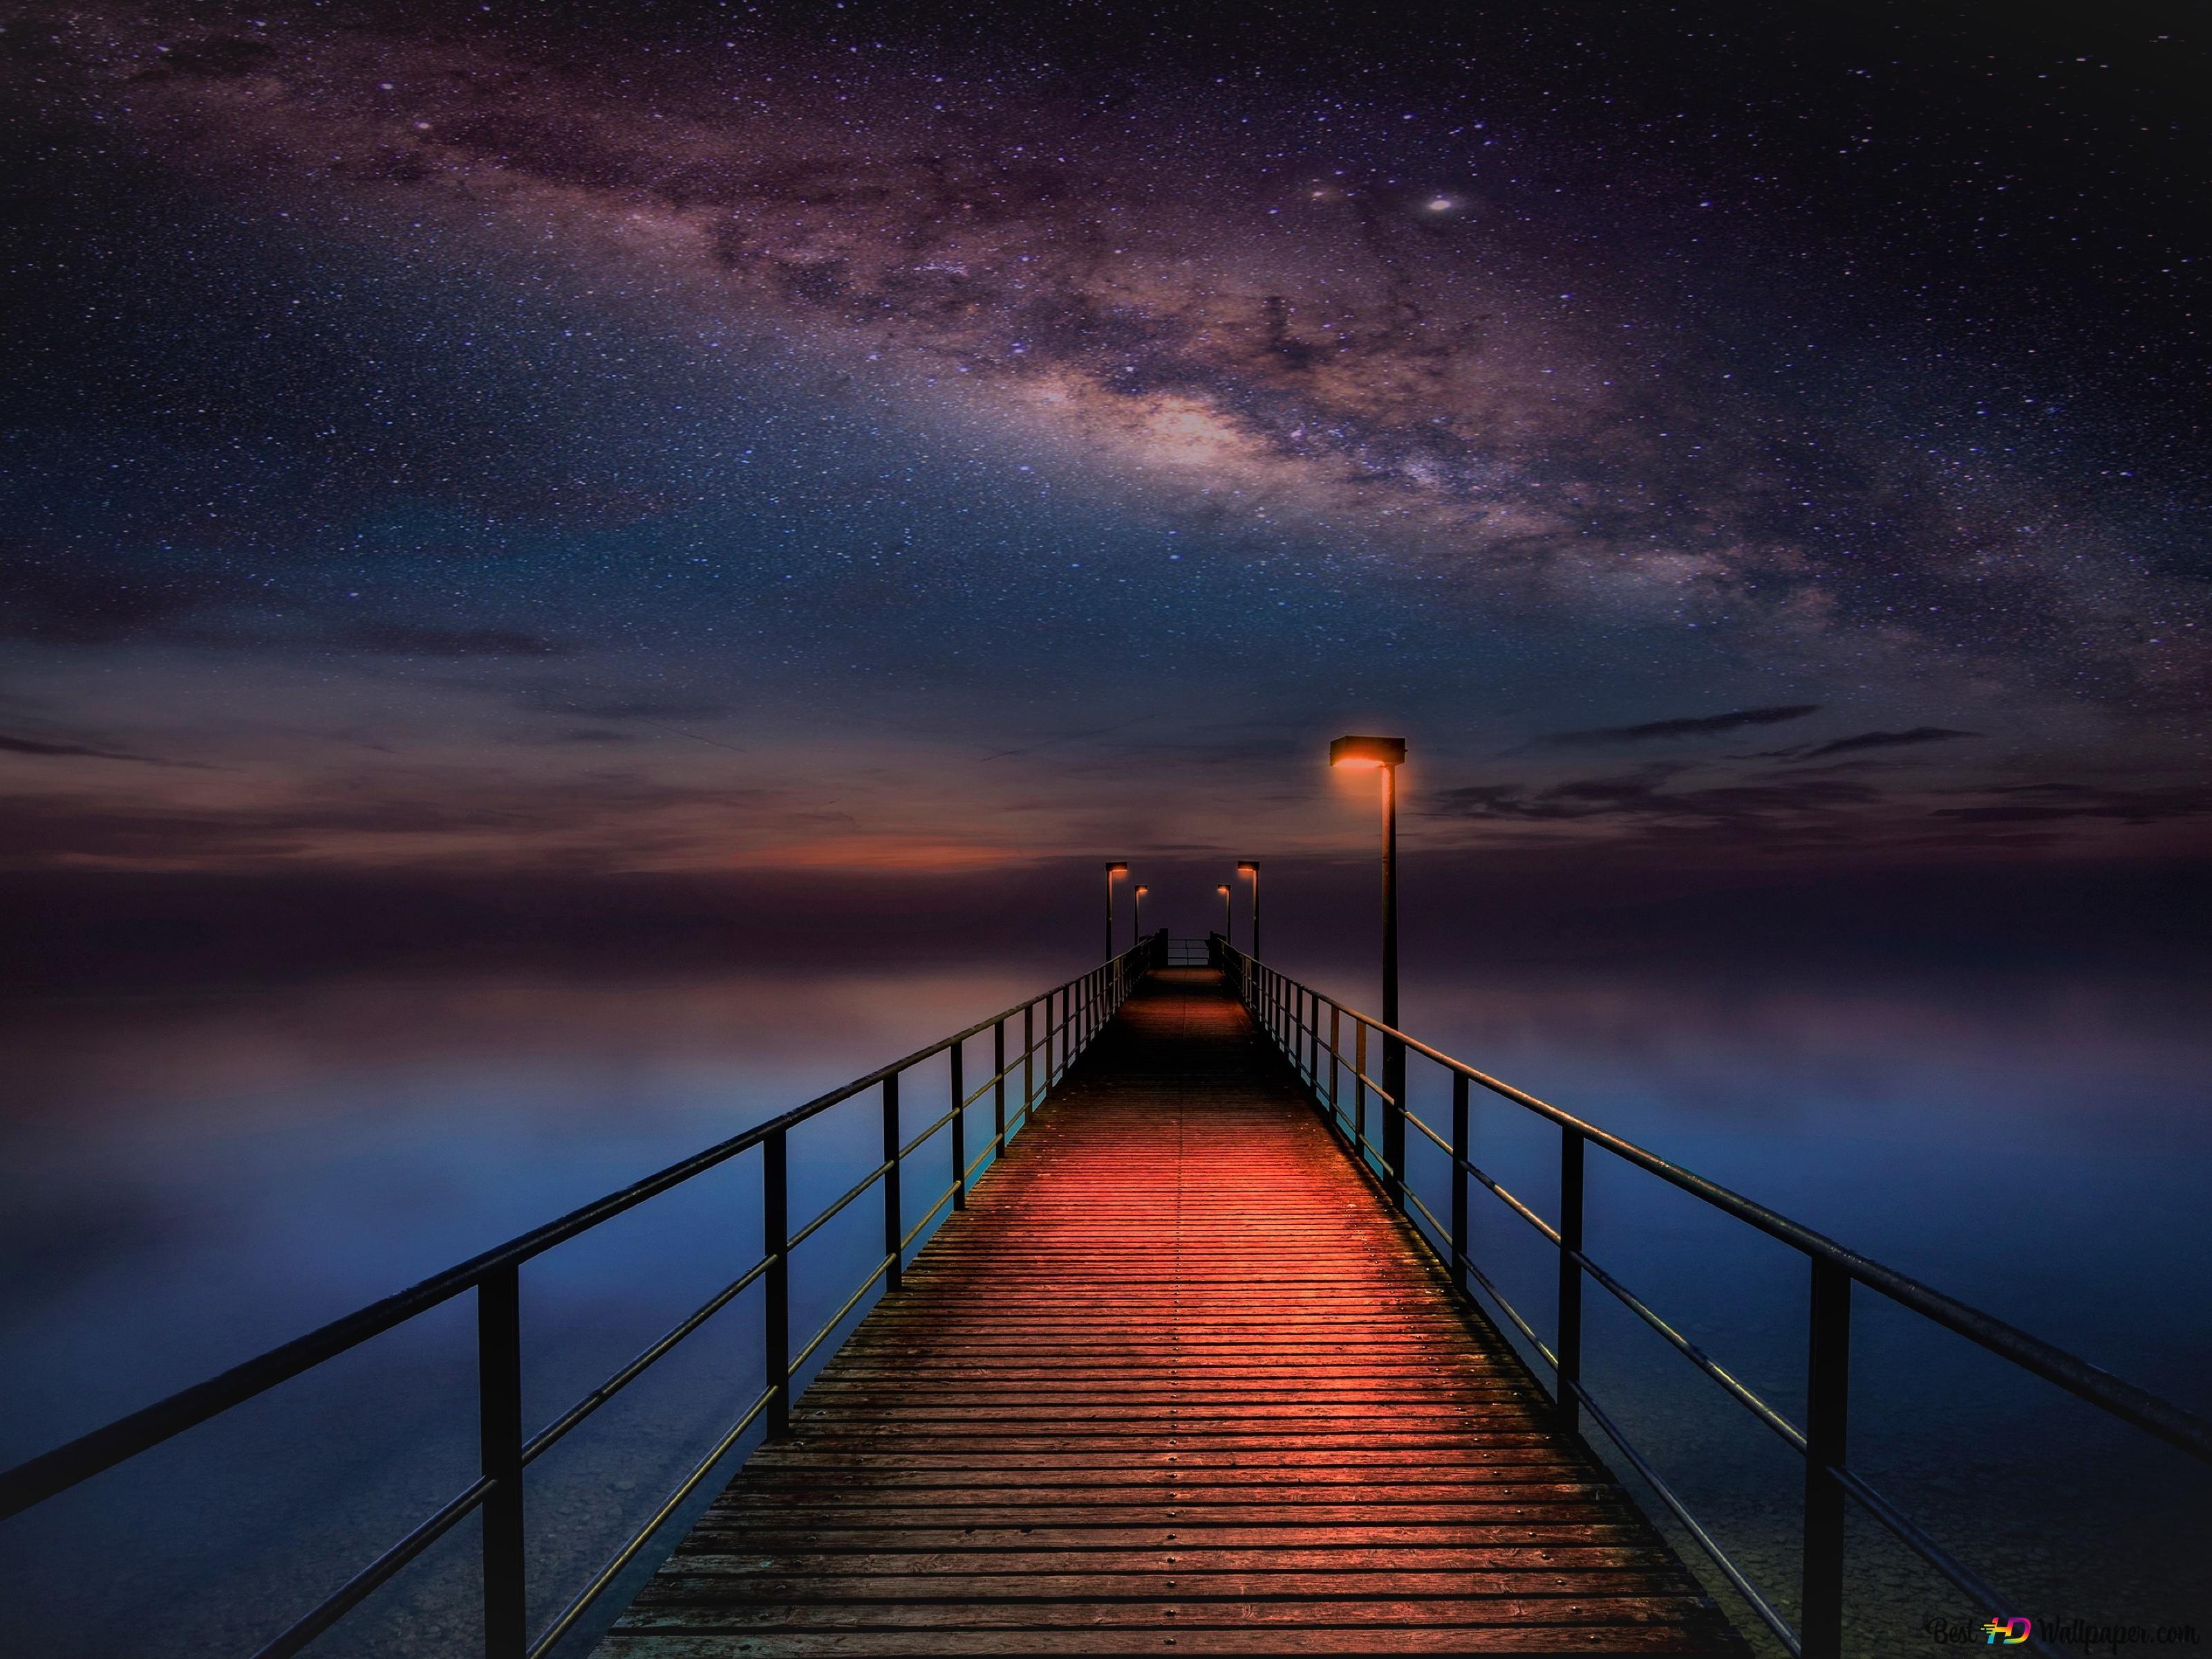 Ocean Pier Sous La Voie Lactée Sky Hd Fond Décran Télécharger